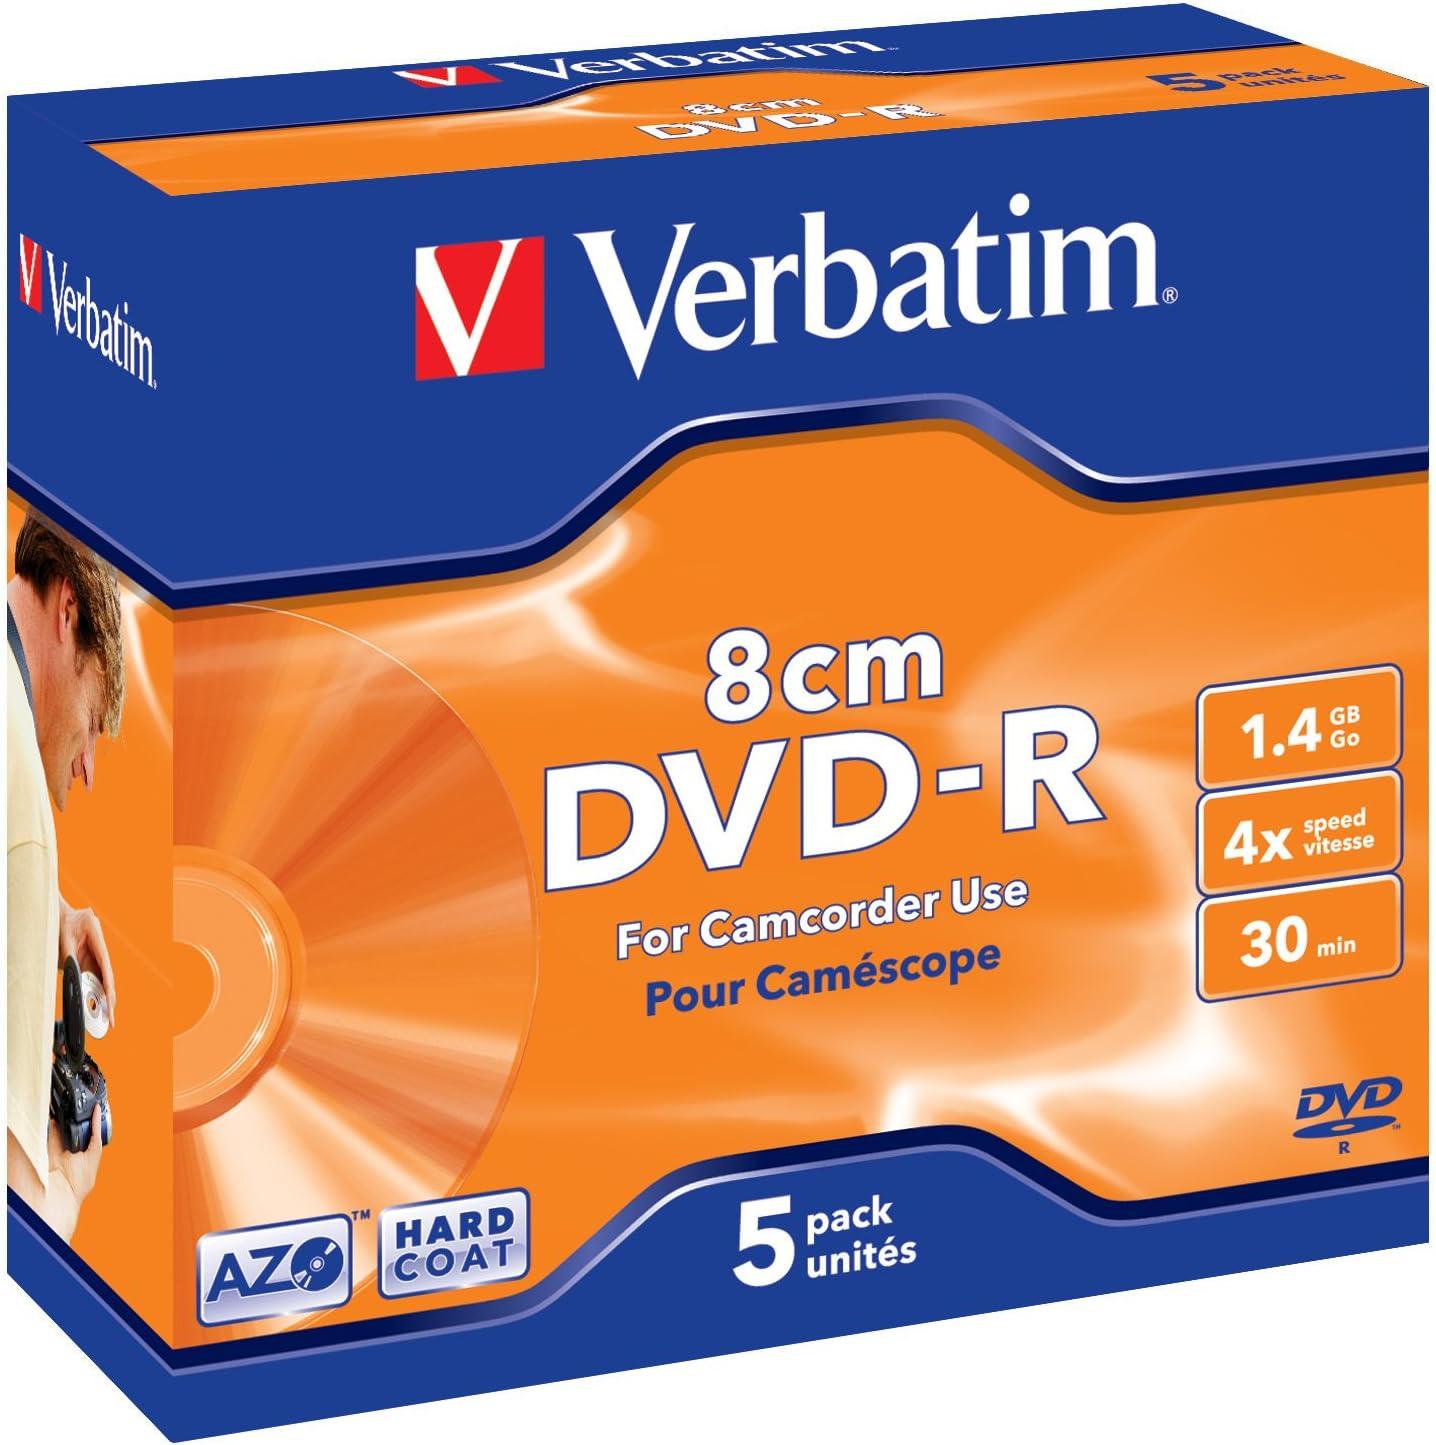 Verbatim 319542 - Pack de 5 DVD-R de 1.4 GB: Verbatim: Amazon.es: Informática